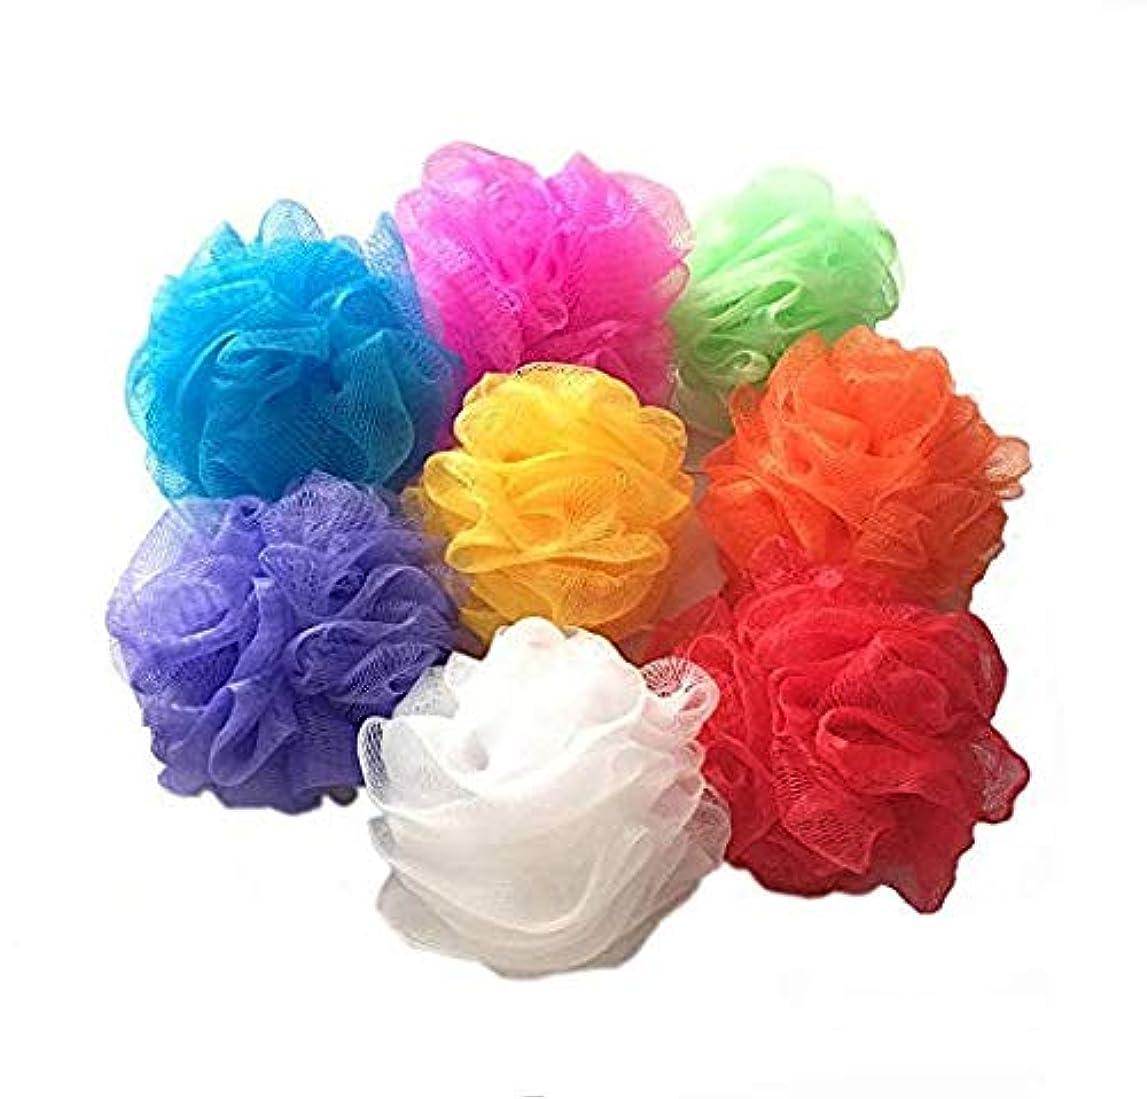 ボディスポンジ 泡立てネット 柔軟 シャワー用 ボディ用お風呂ボール 花形 タオル ネットバスボール 花ボディースポンジ 8 個入 (マルチカラー)